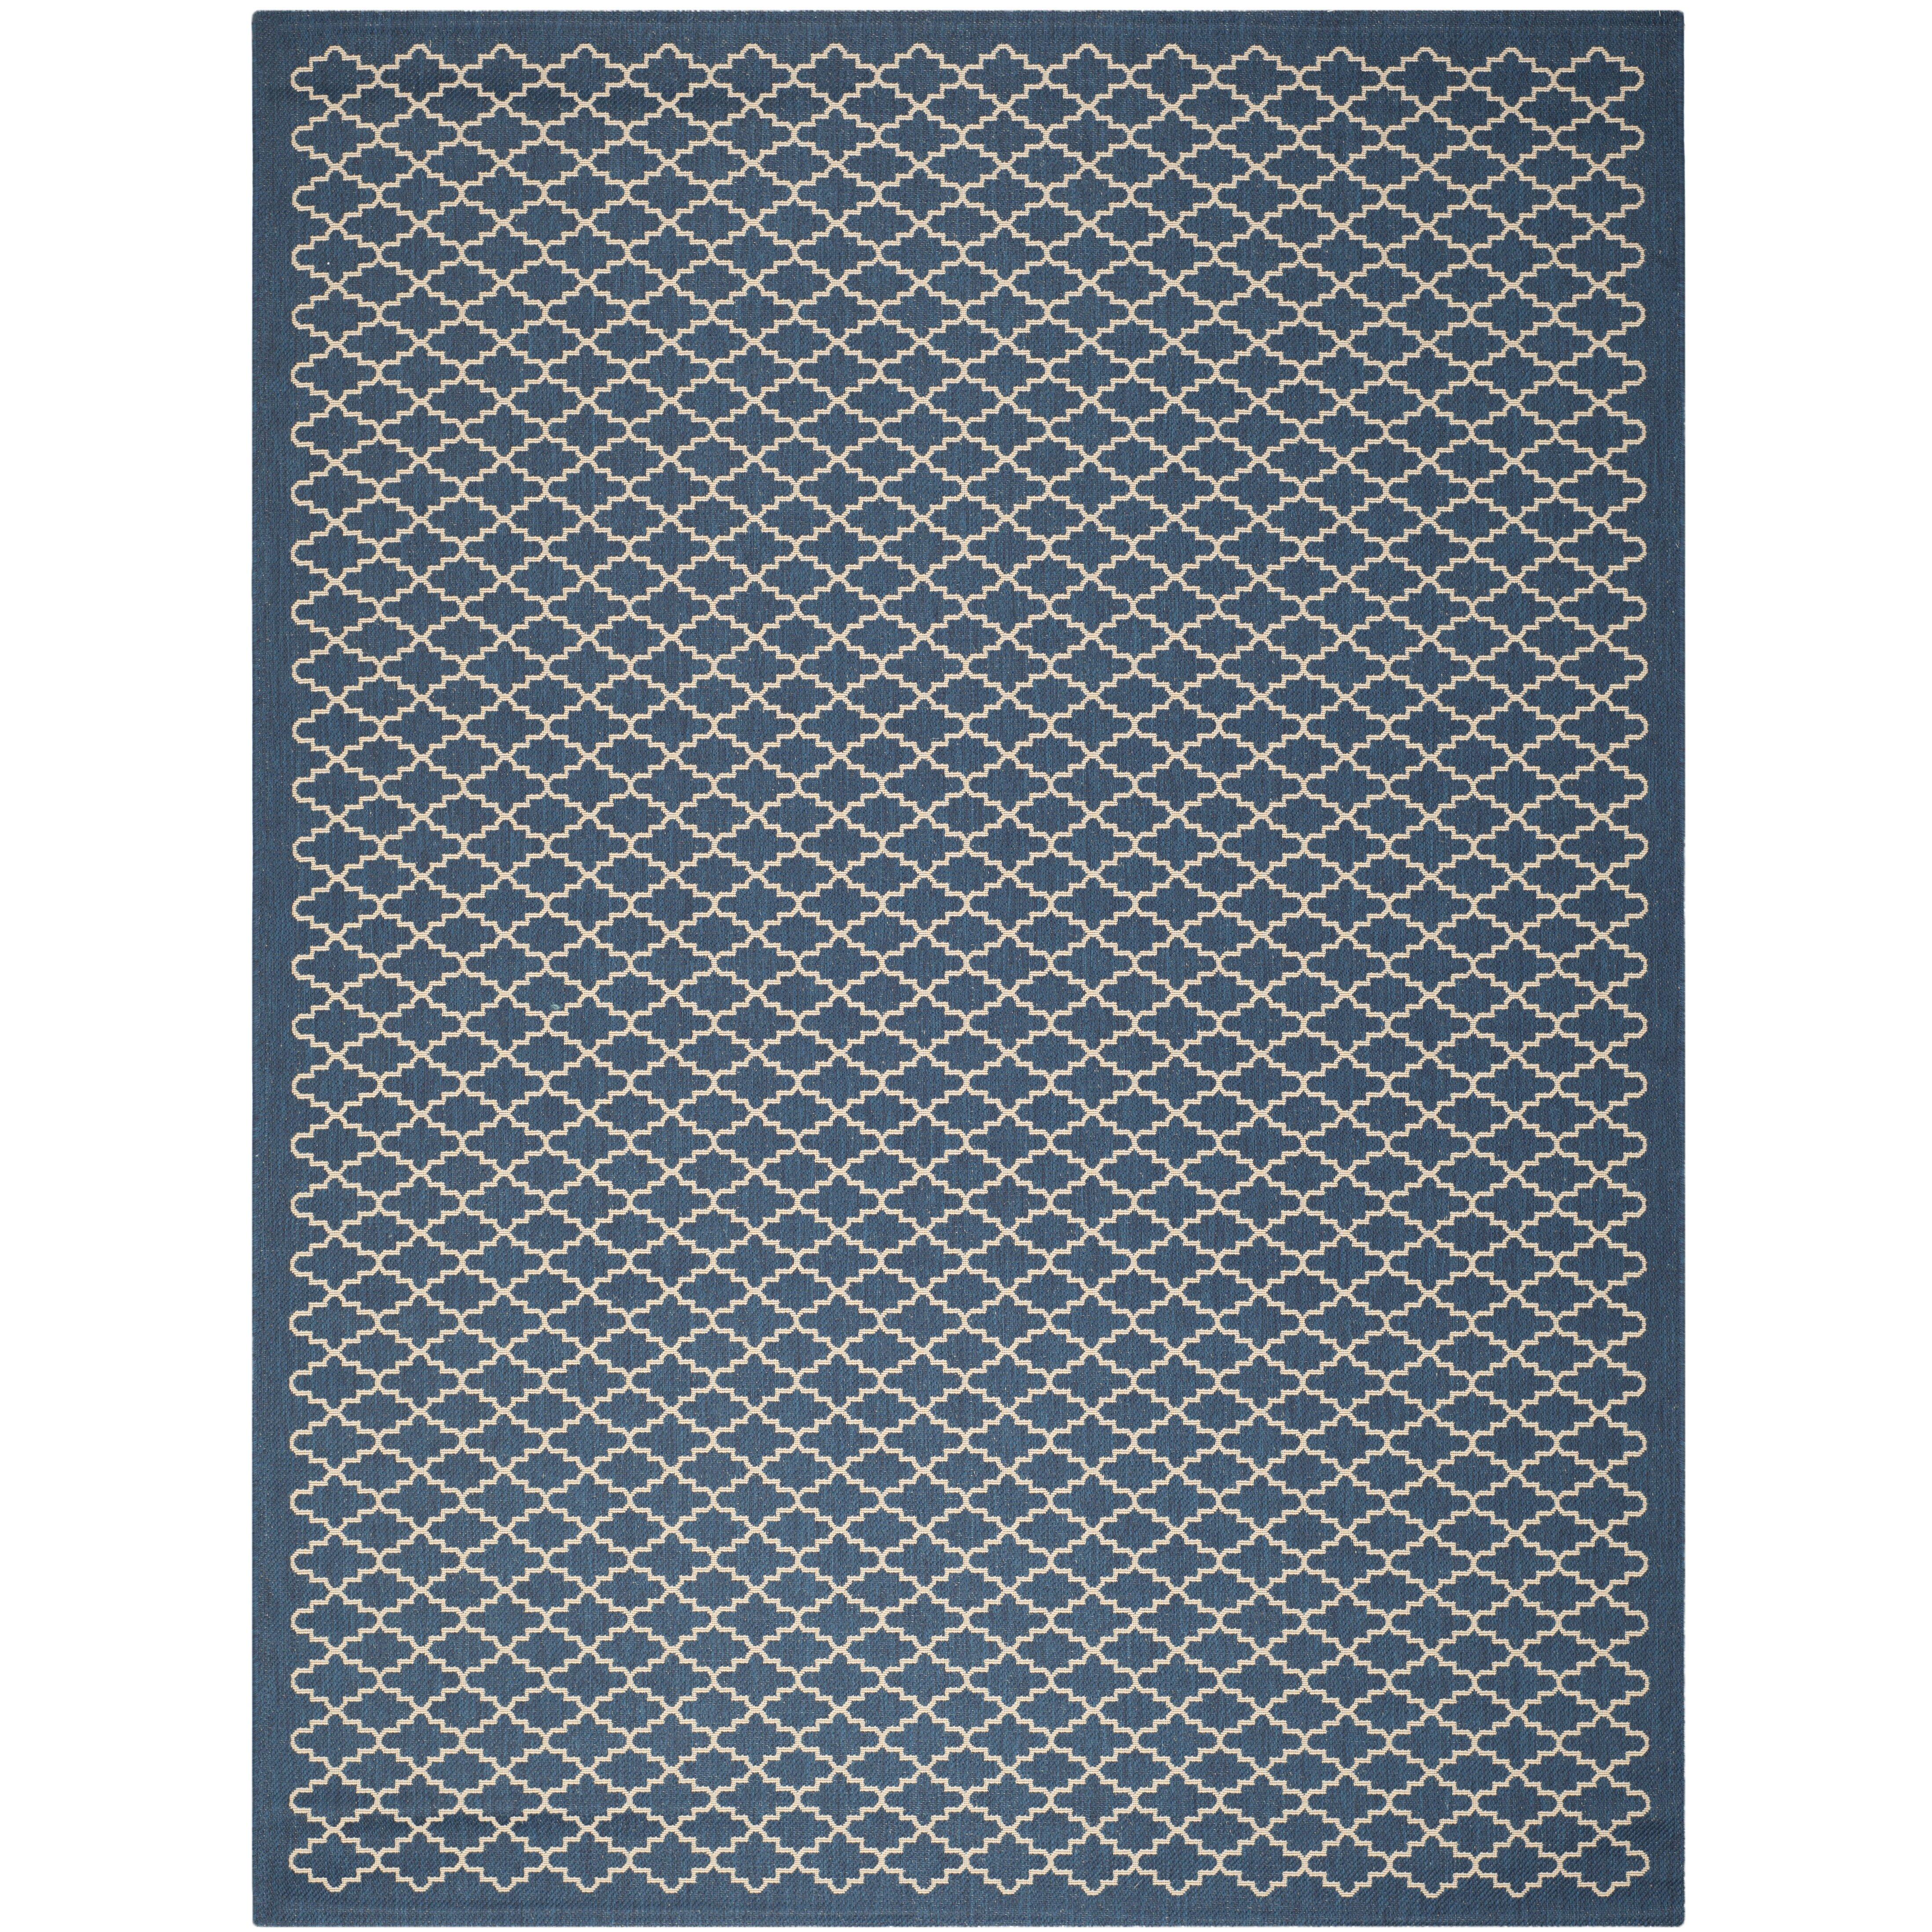 Safavieh courtyard navy indoor outdoor area rug reviews for Indoor outdoor rugs uk